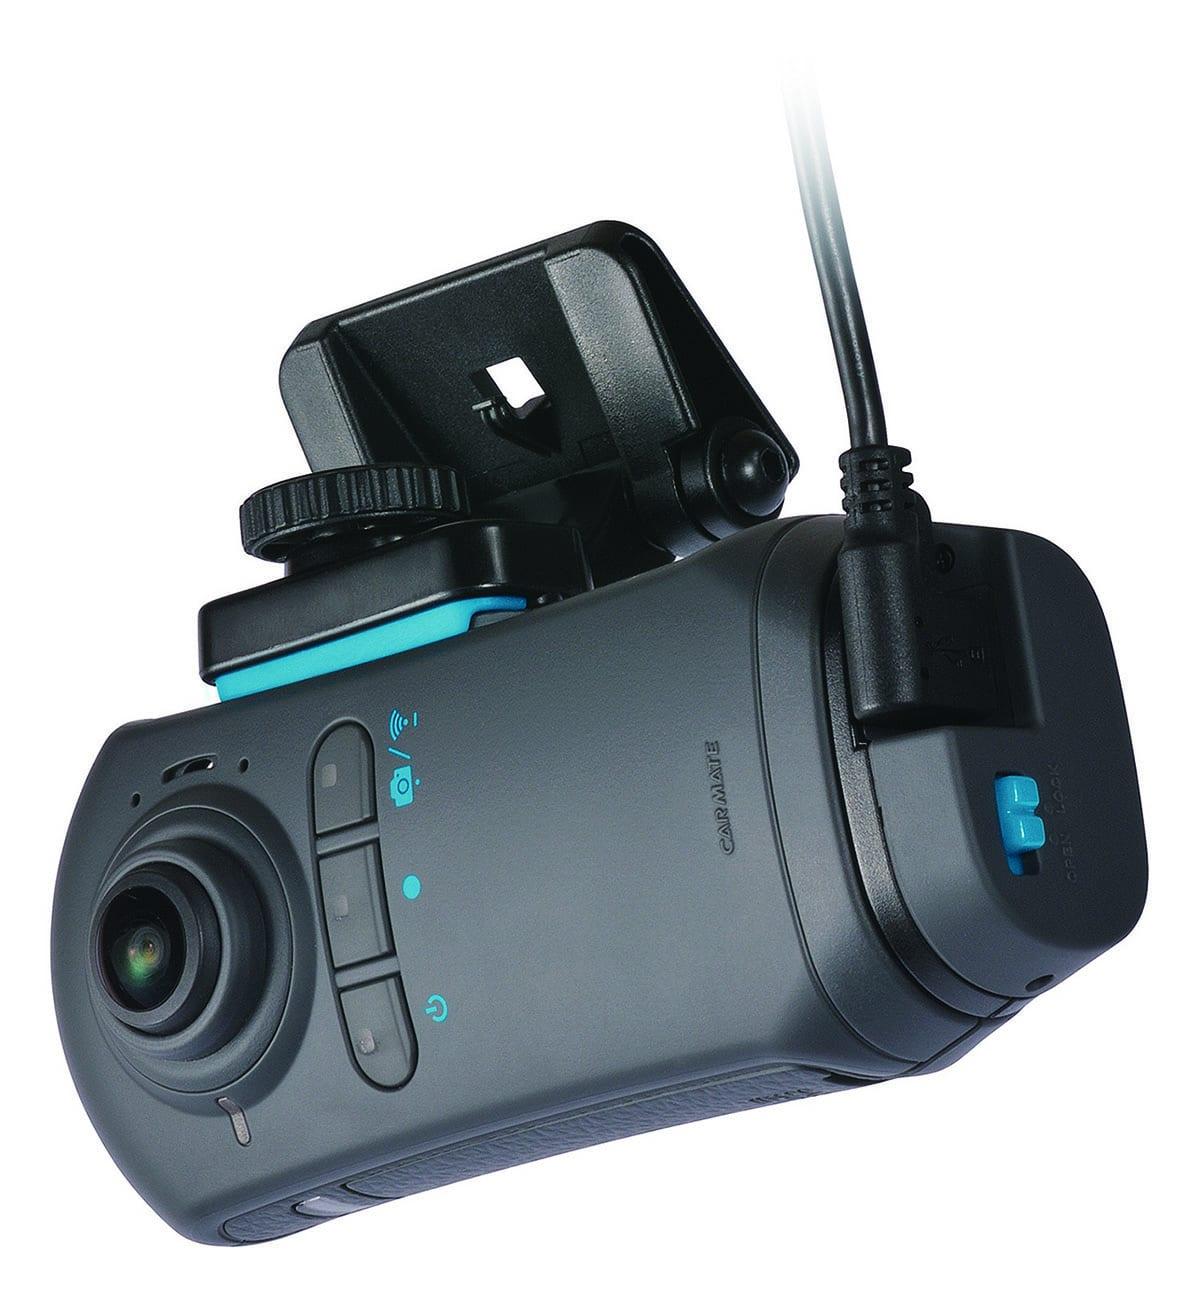 車内も録りたい人にお薦め! !【いま買うべきドラレコまとめ】360度カメラモデル編